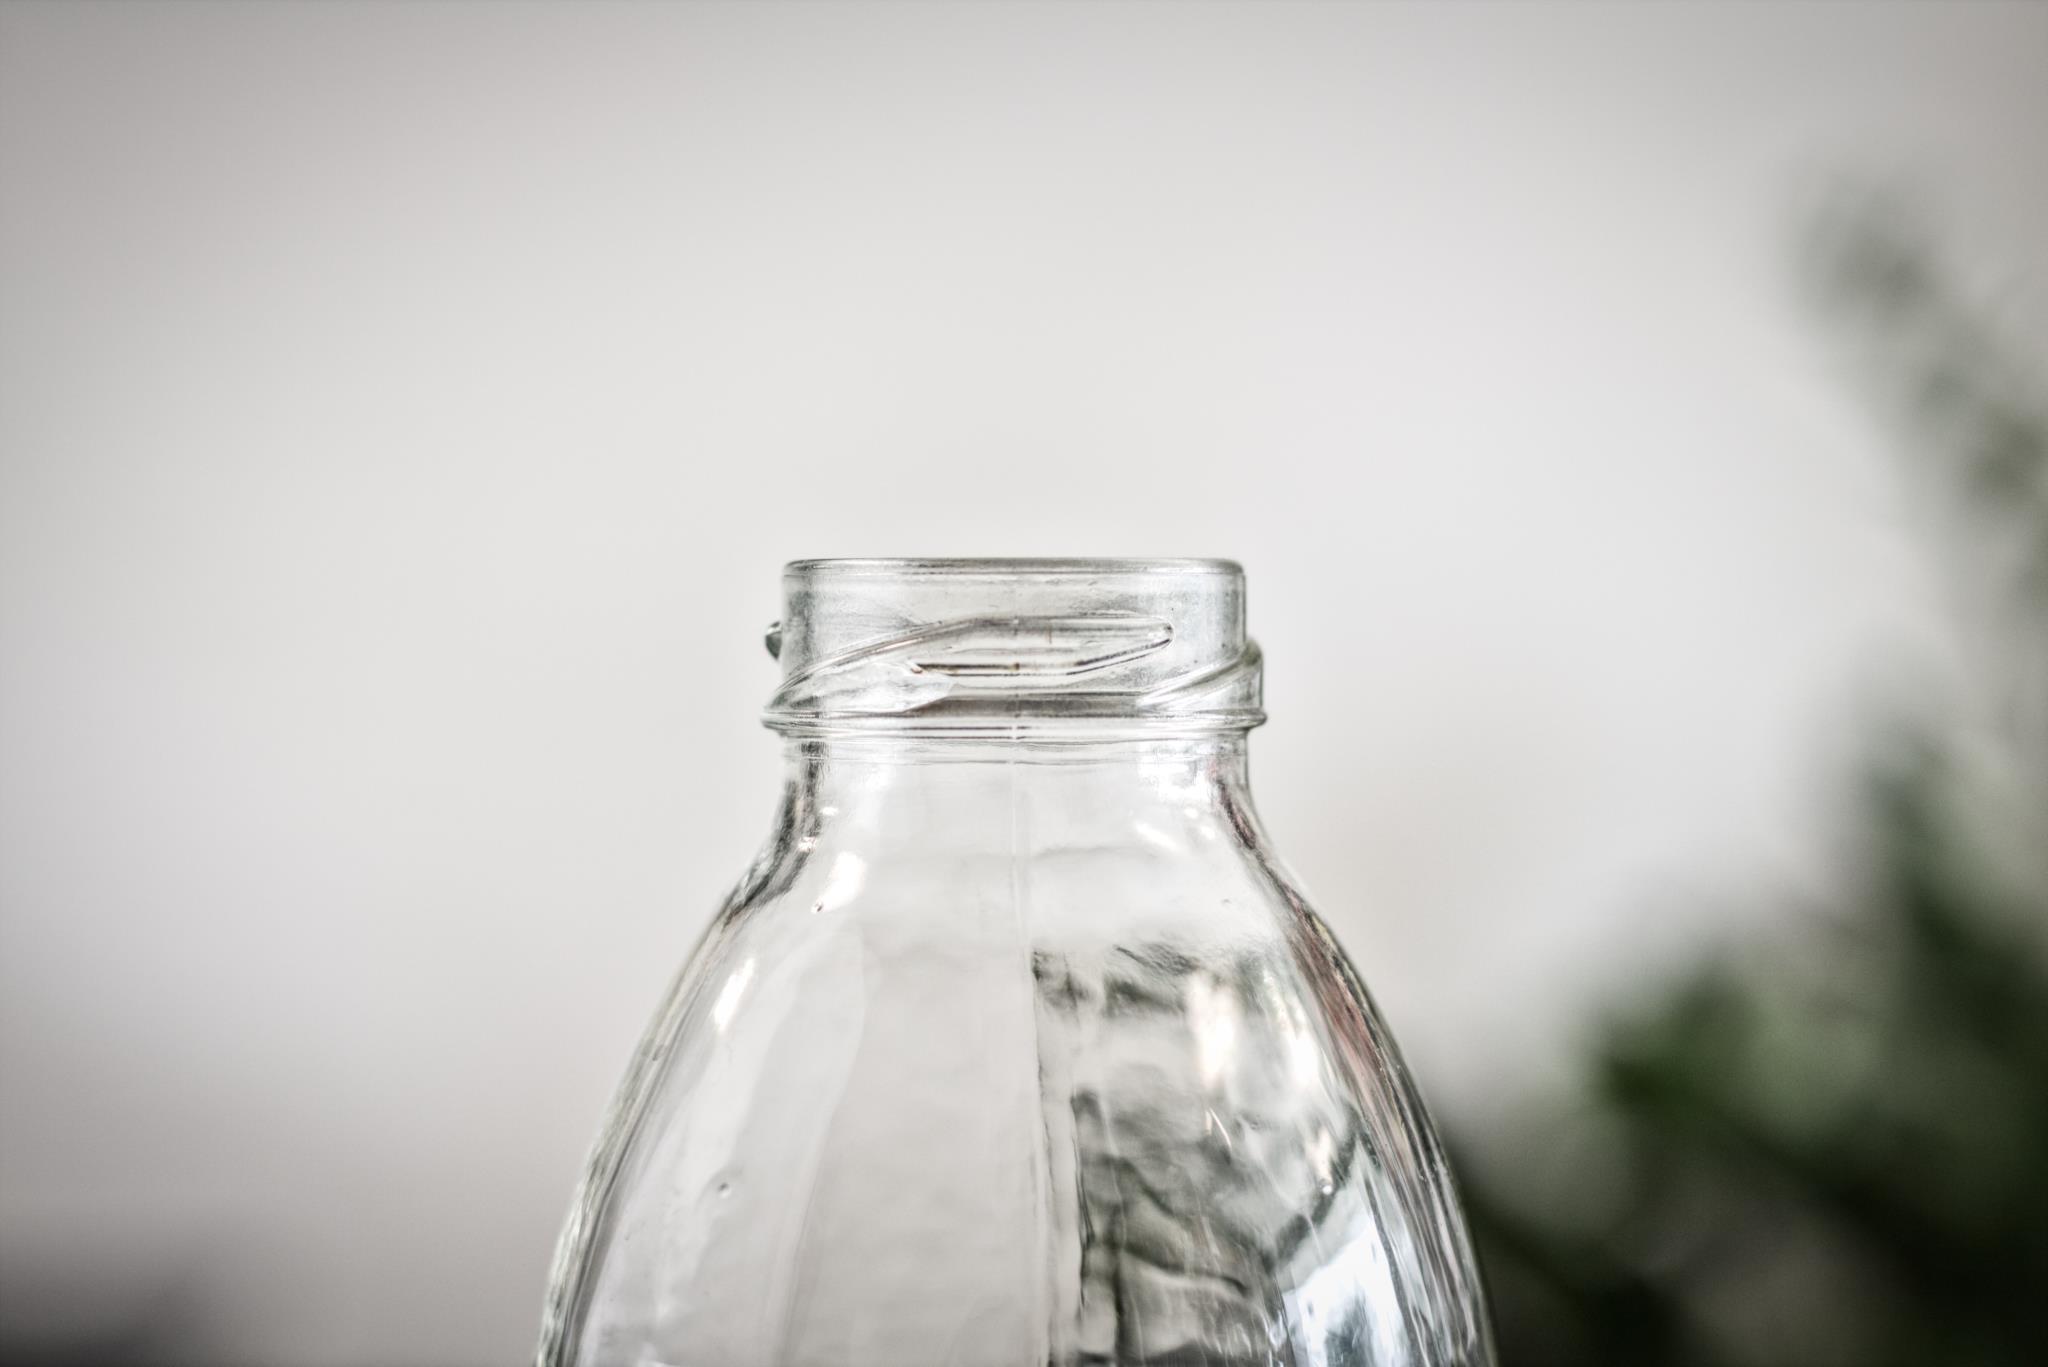 Oliveira do Hospital acaba com venda de água em garrafas de plástico nas escolas